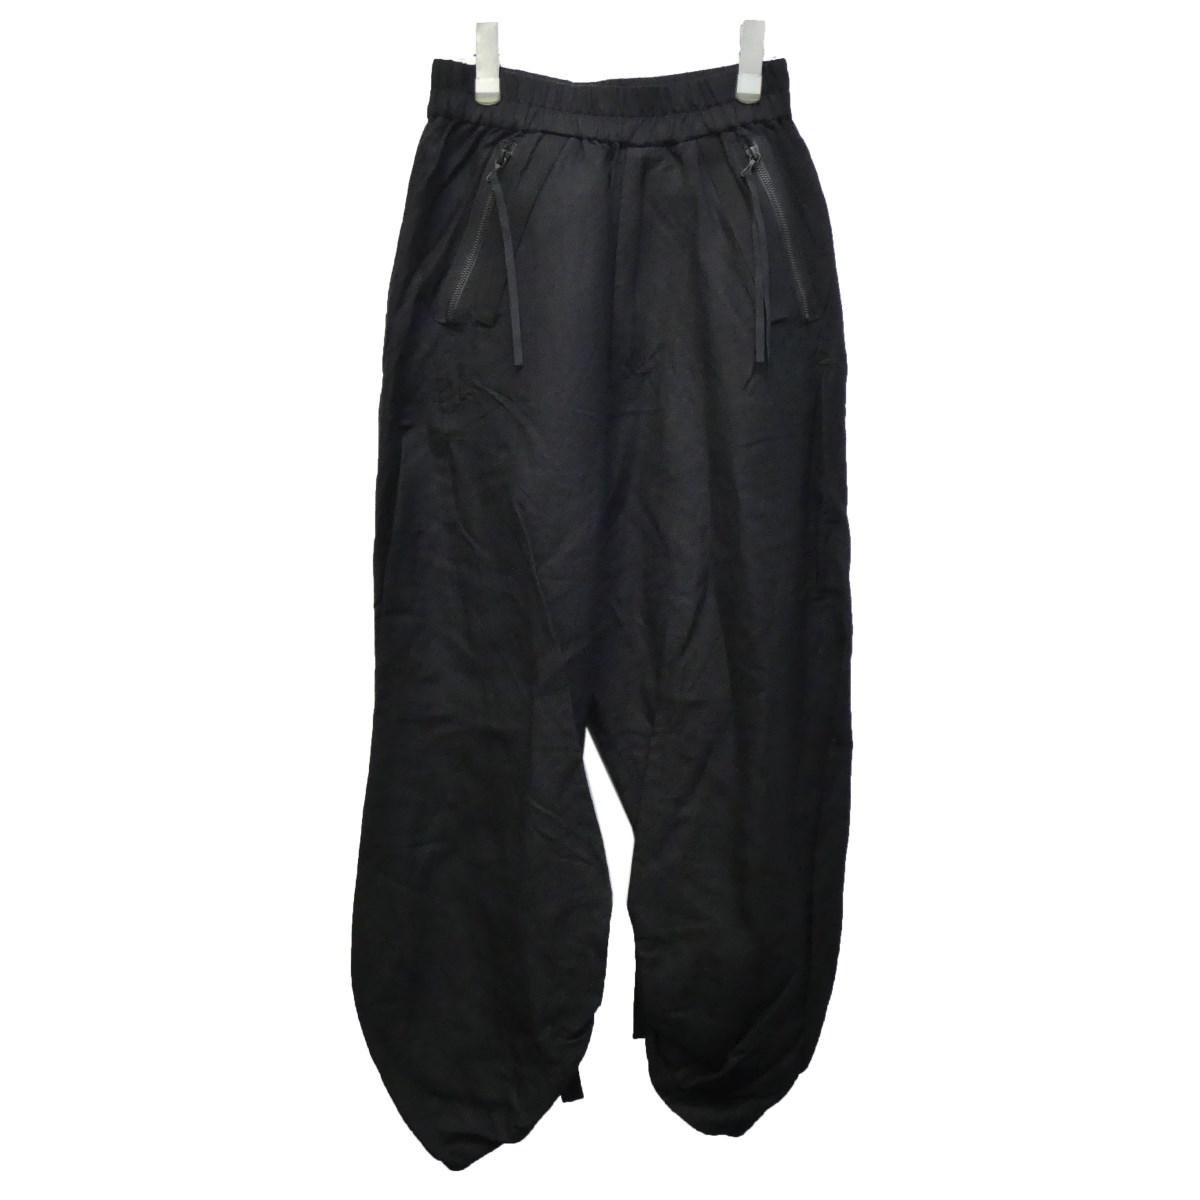 【中古】JULIUS ストラップワイドパンツ ブラック サイズ:1 【290320】(ユリウス)